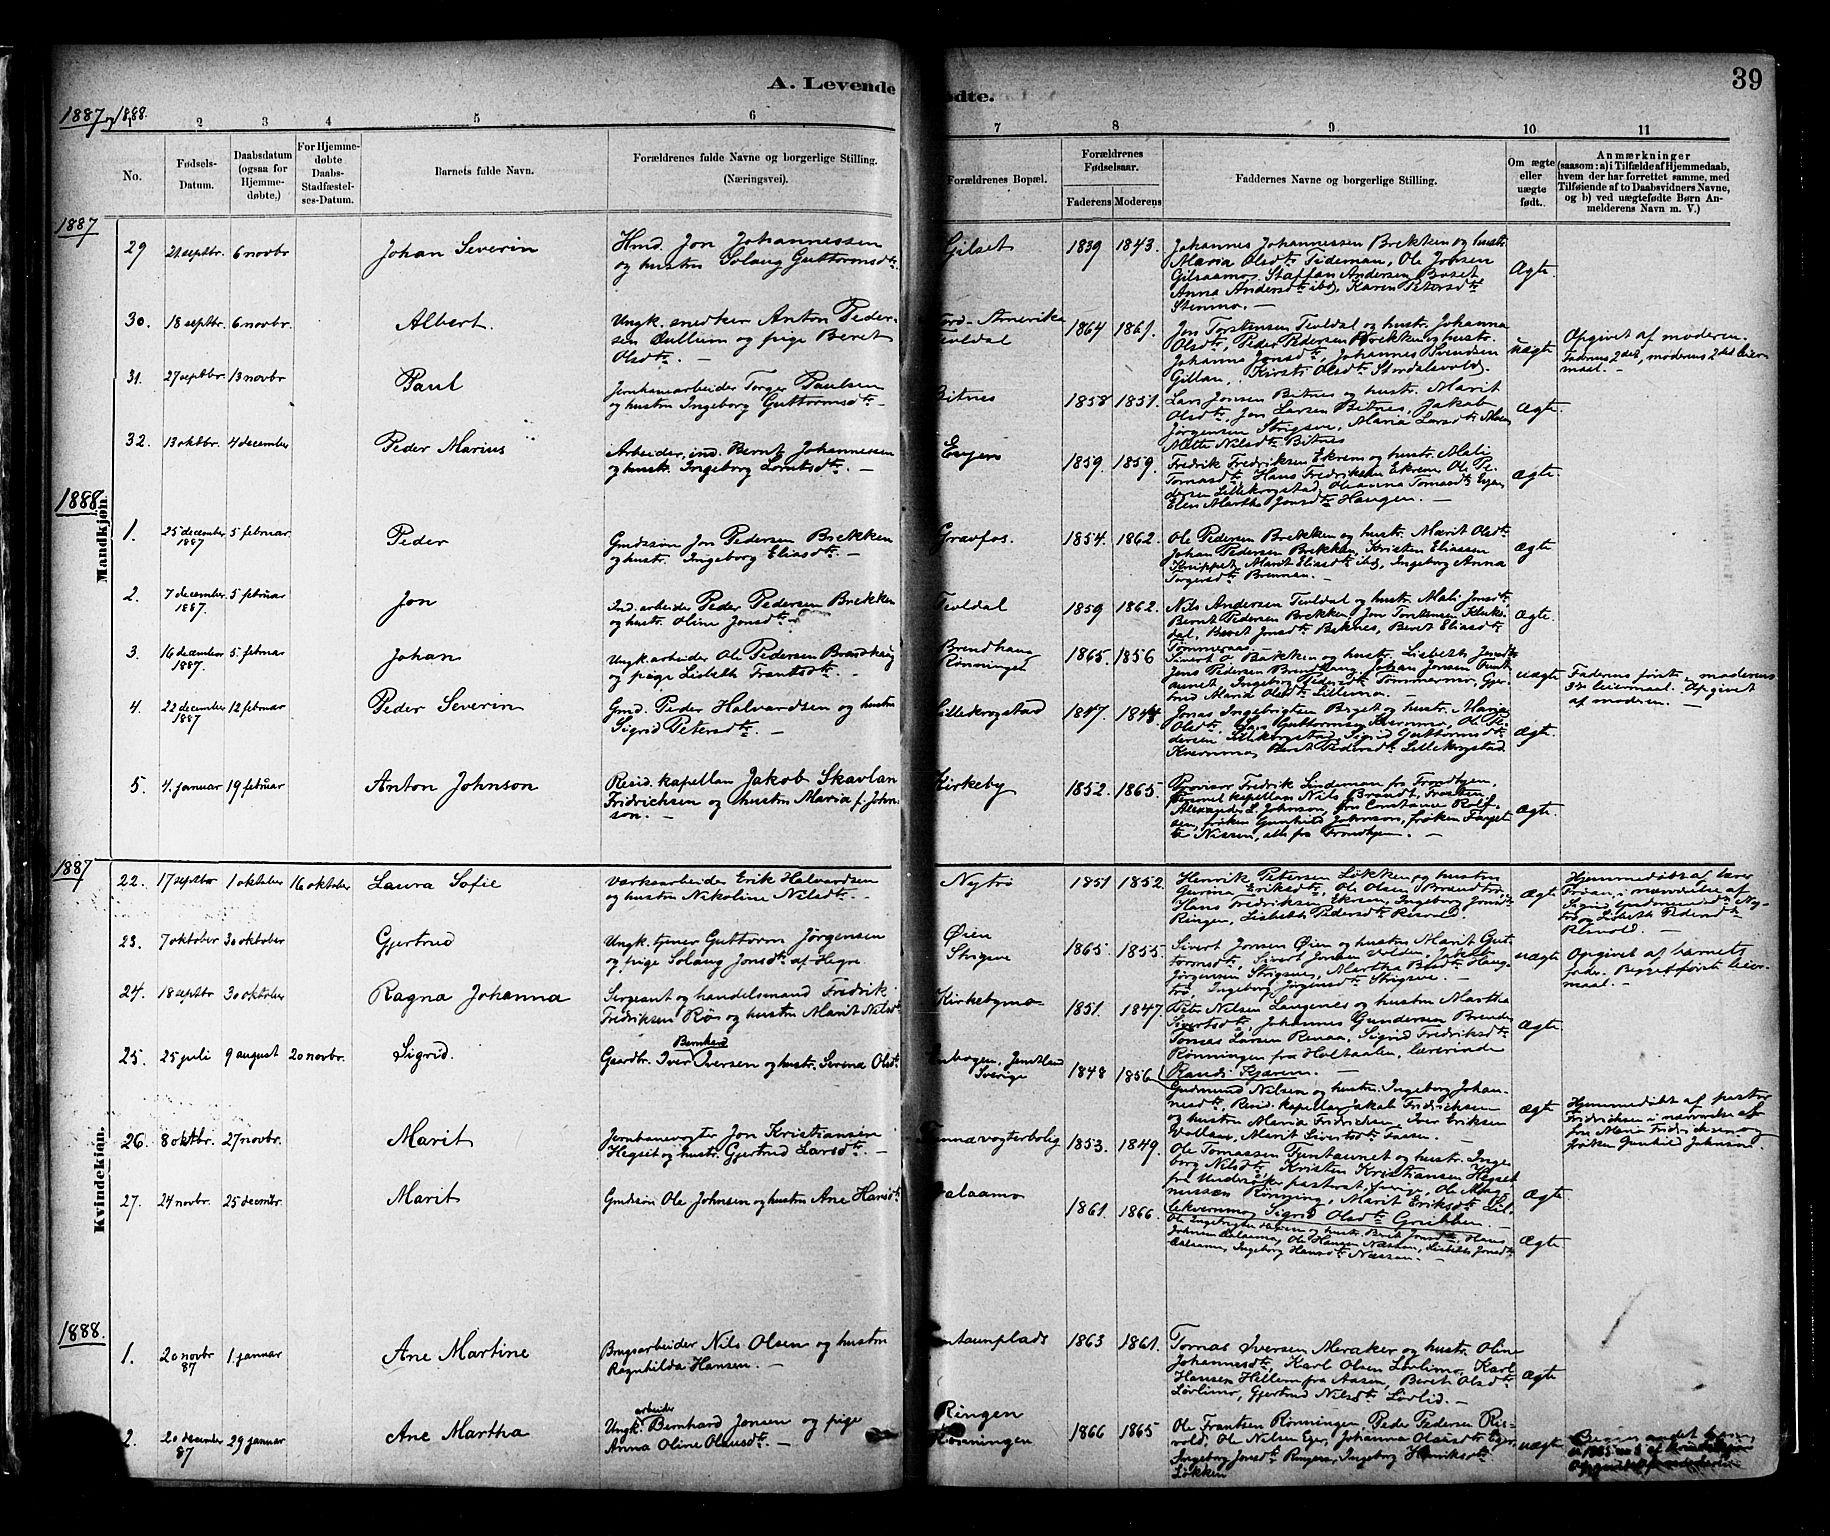 SAT, Ministerialprotokoller, klokkerbøker og fødselsregistre - Nord-Trøndelag, 706/L0047: Parish register (official) no. 706A03, 1878-1892, p. 39